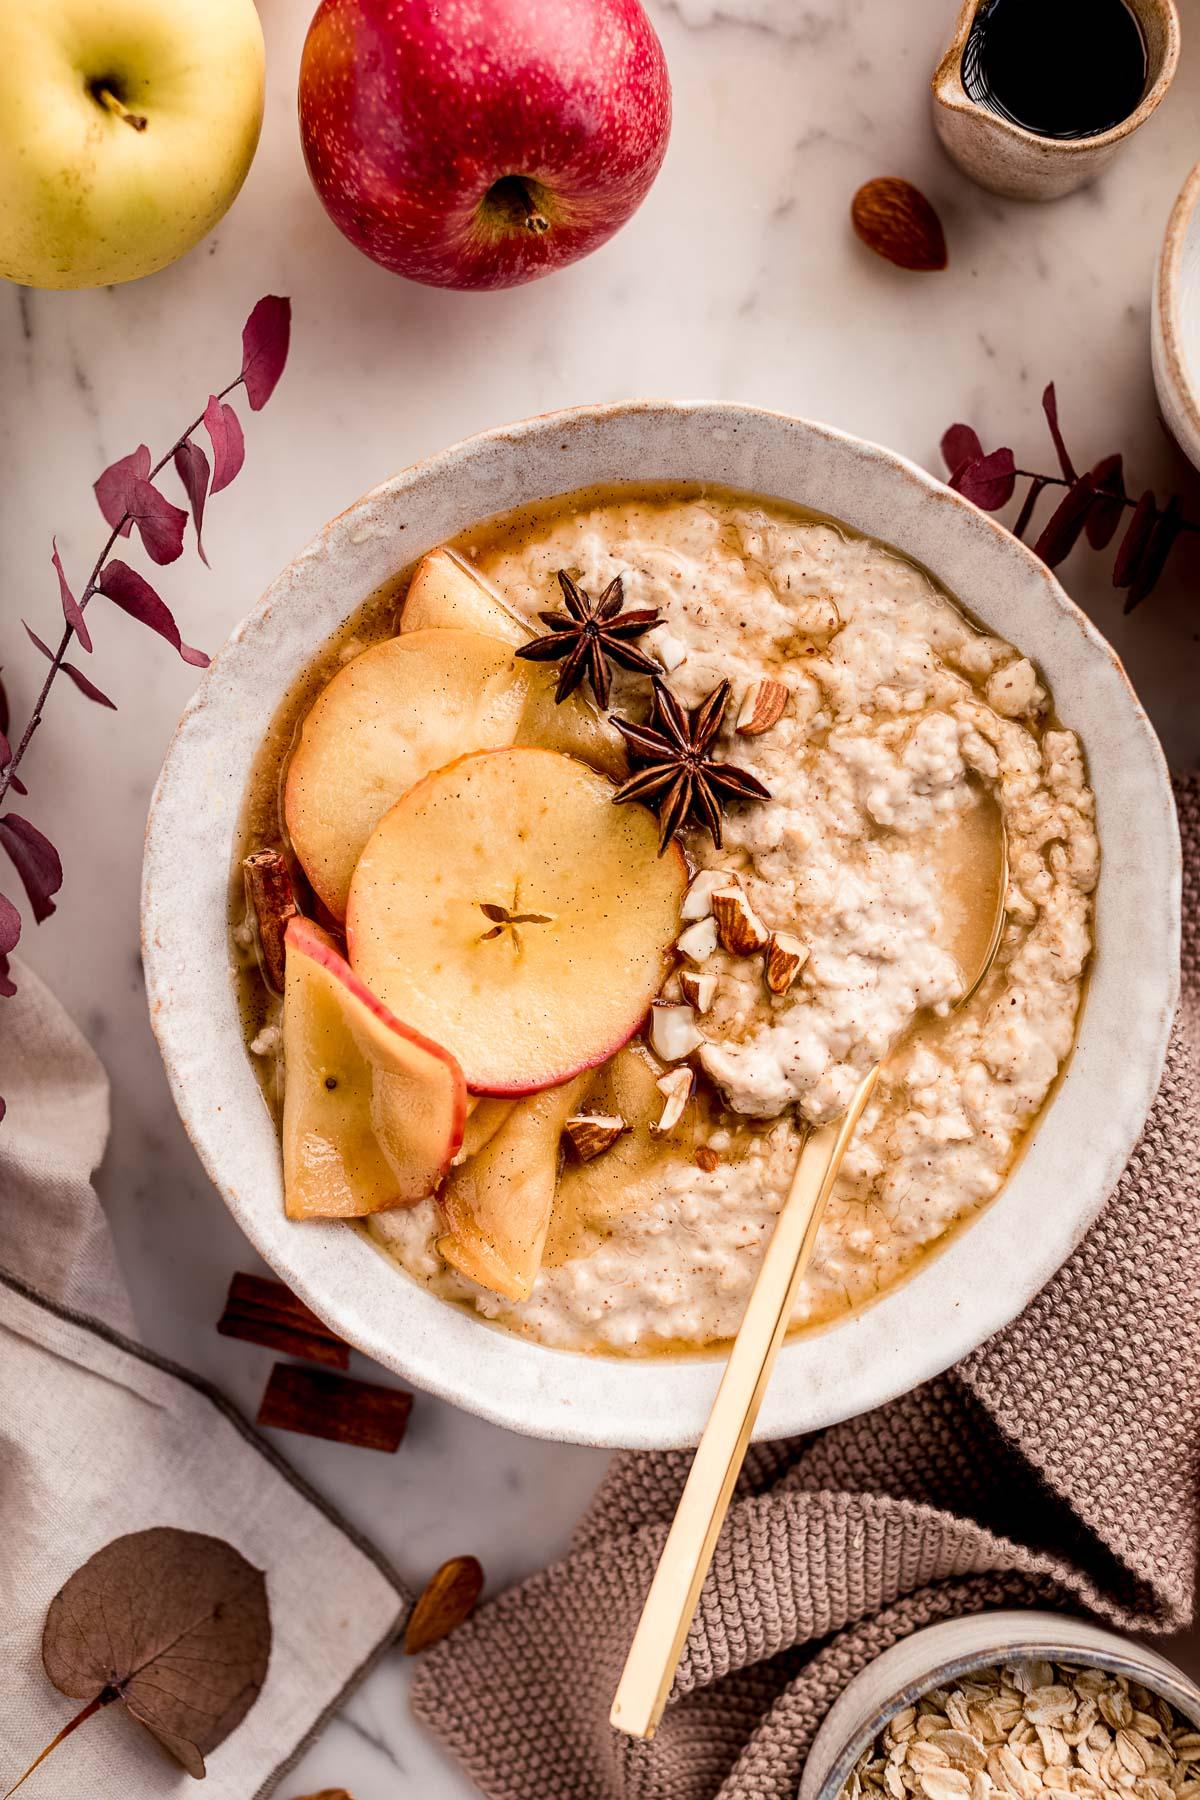 ricetta porridge alle mele cremoso vegan senza glutine porridge torta di mele heatlhy creamy apple pie oatmeal recipe gluten-free